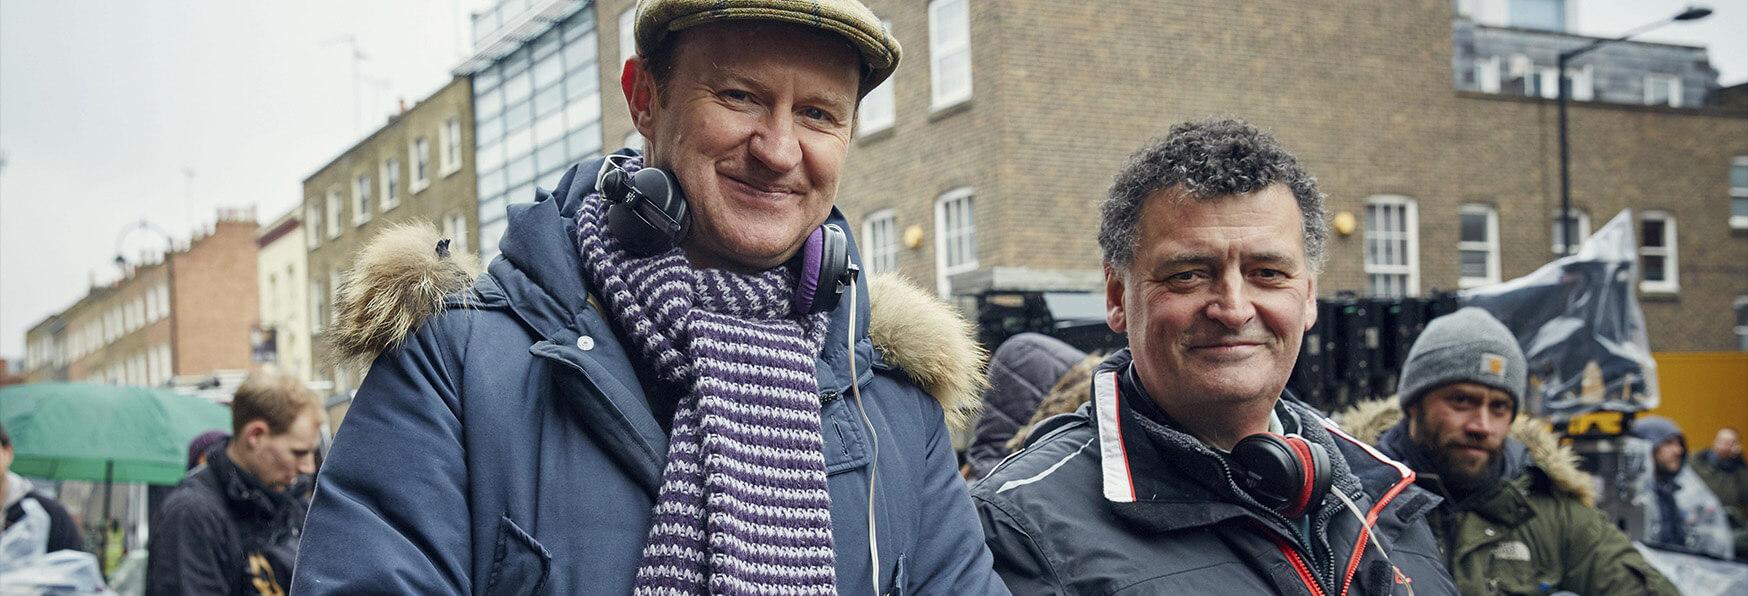 Netflix e BBC commissionano la Serie TV su Dracula ai creatori di Sherlock